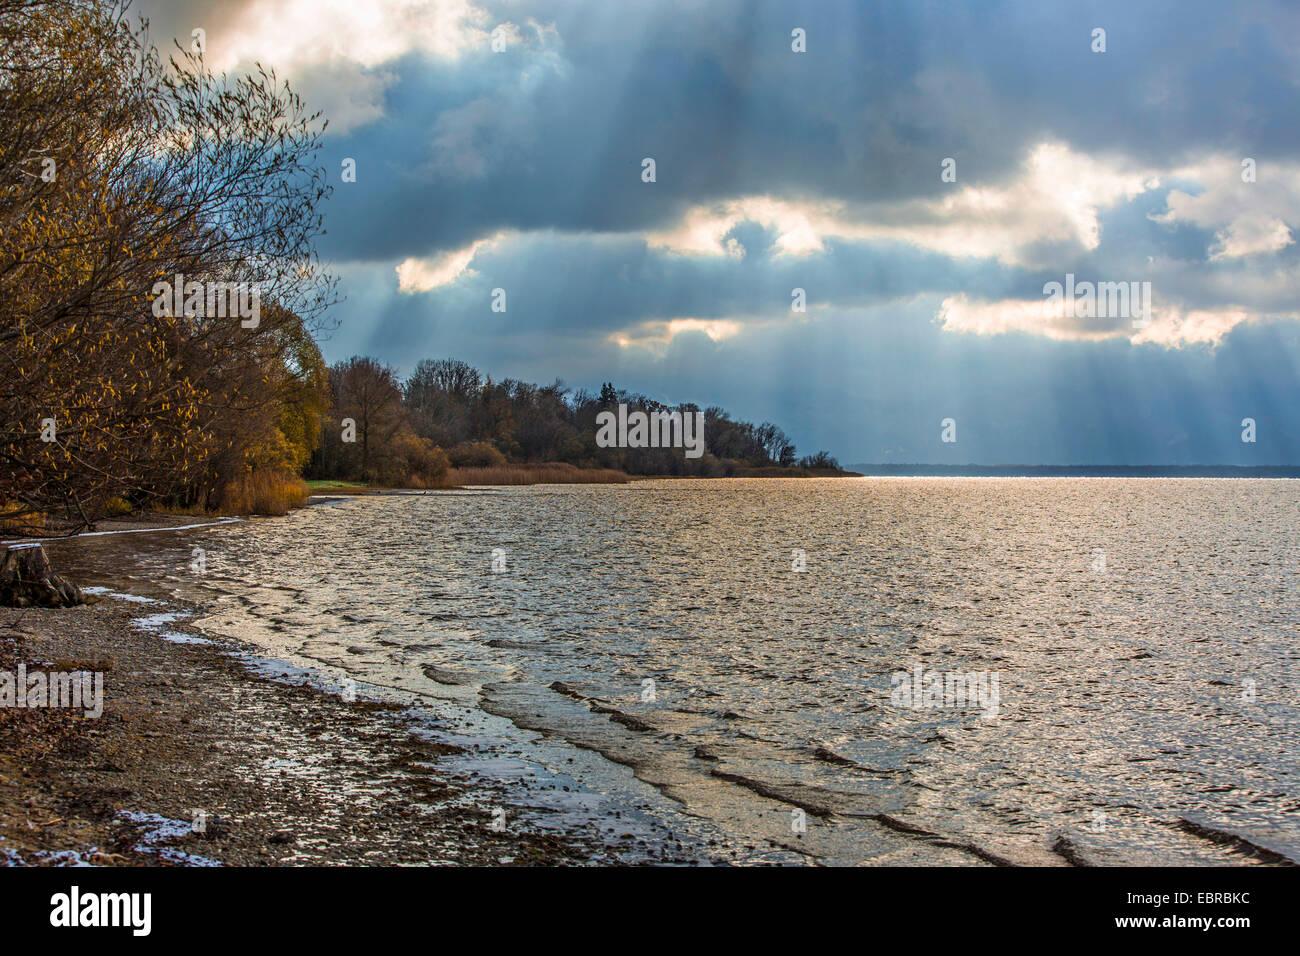 Acercándose a tormenta sobre Chiemsee, Alemania, Baviera, el lago Chiemsee Imagen De Stock